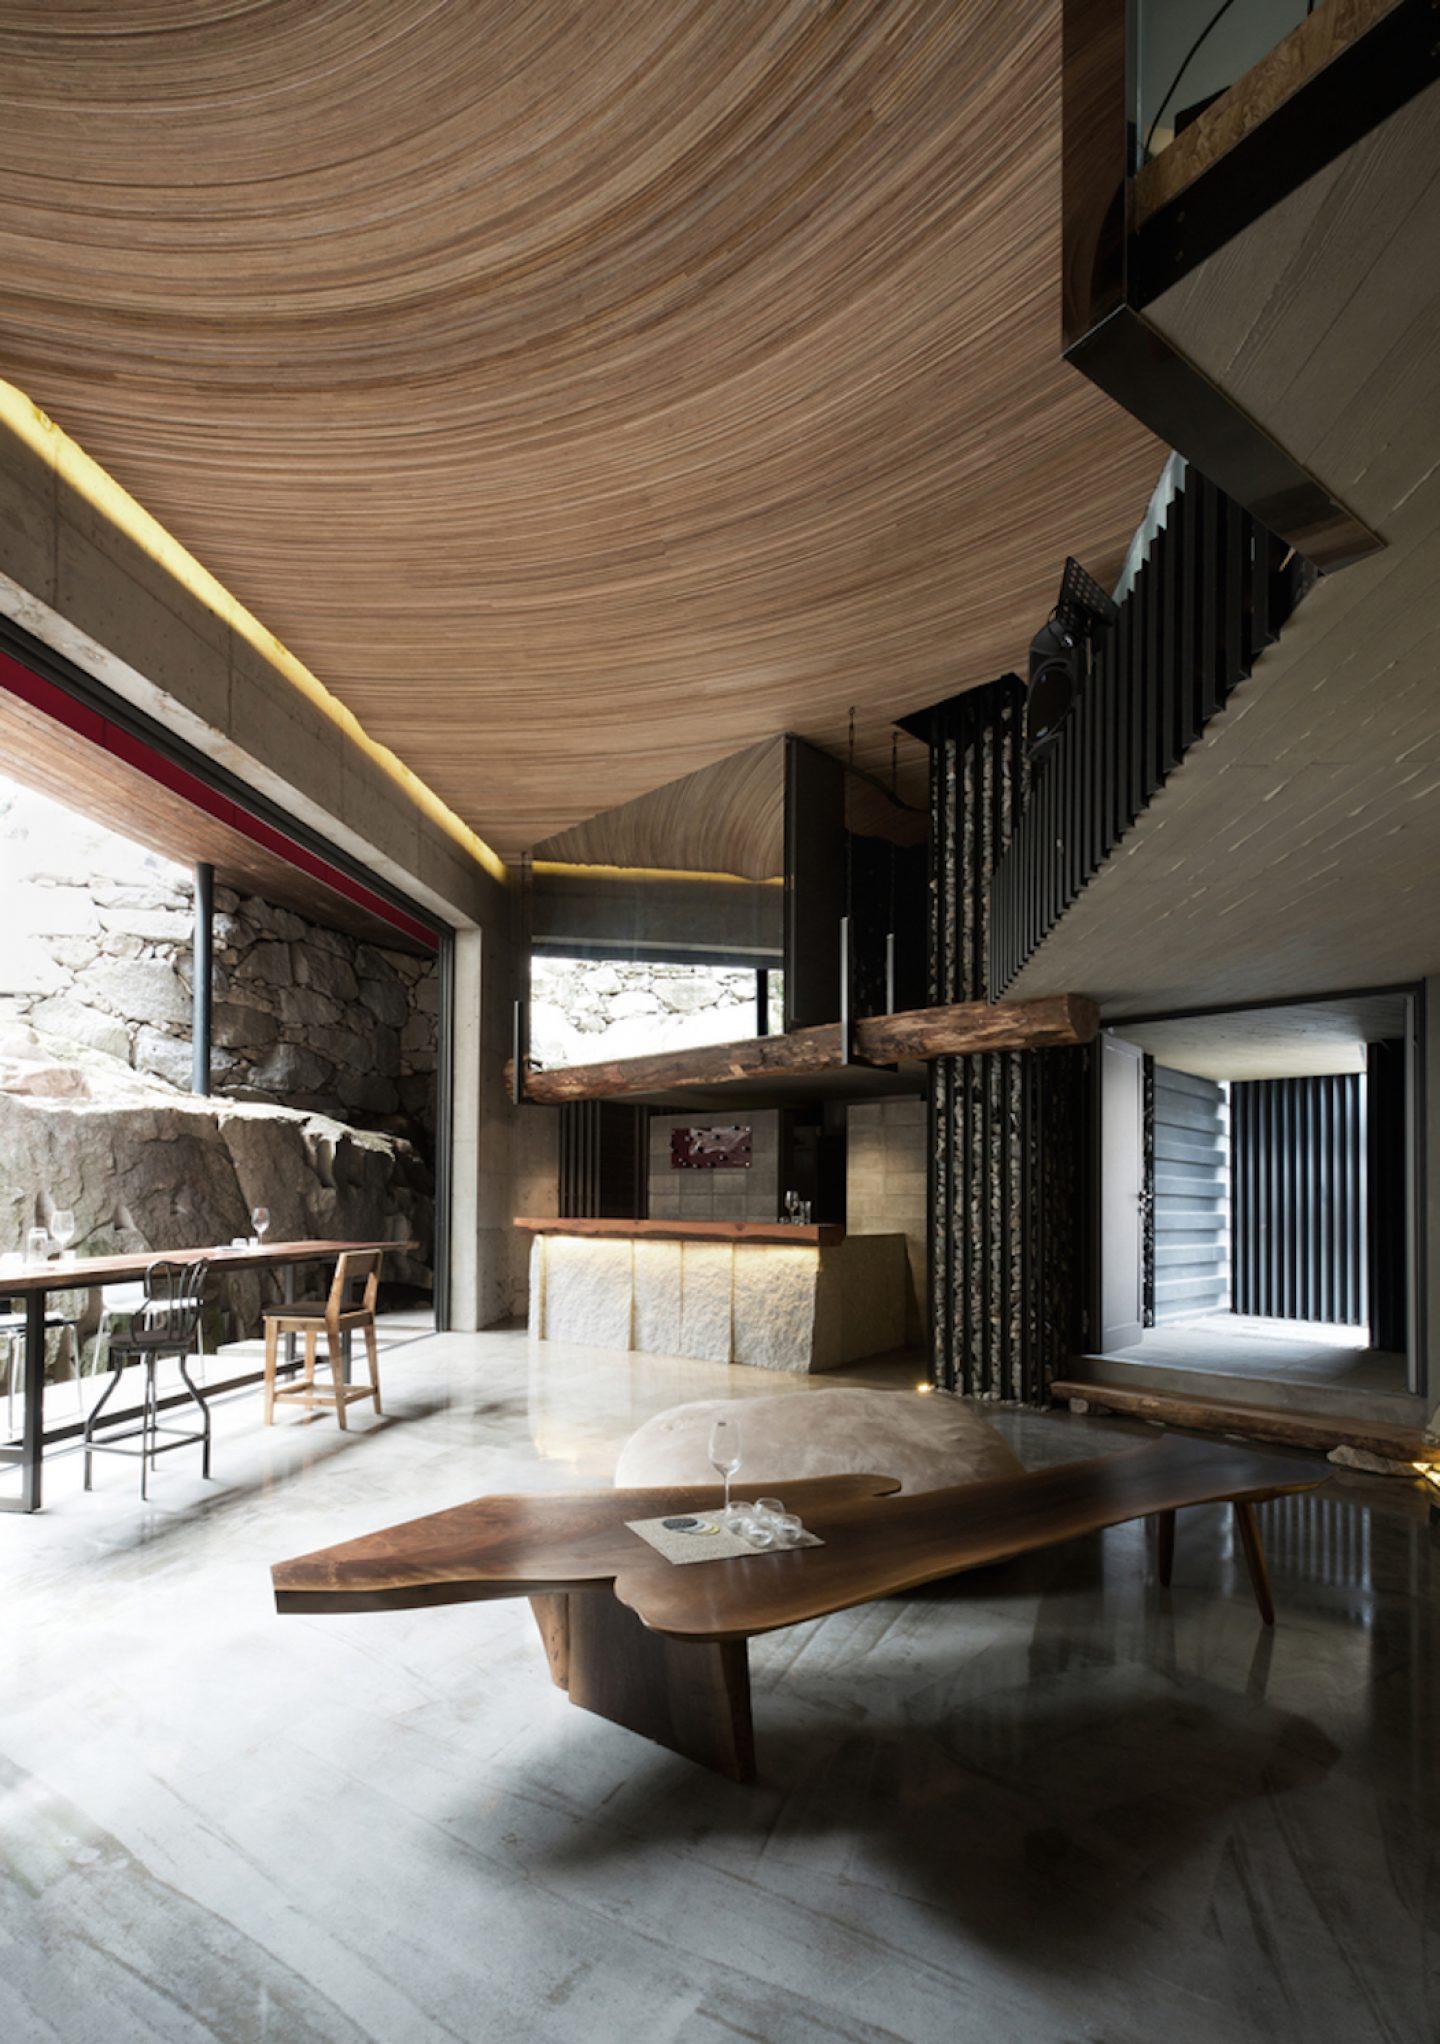 architecture_tuneplanning_dayangsanghoi_04